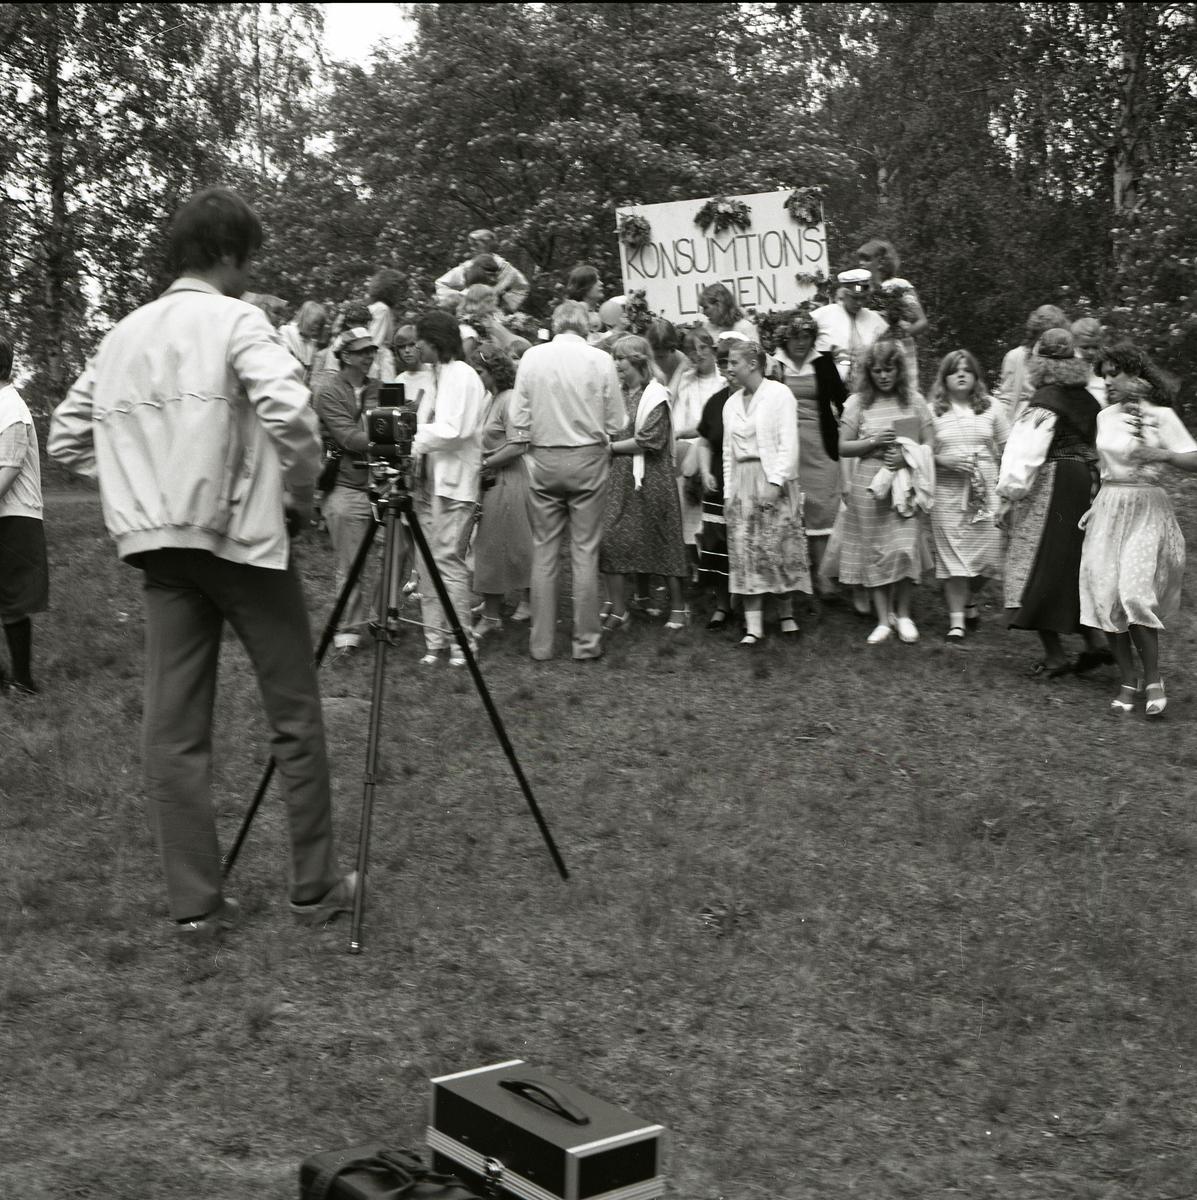 Konsumtionslinjen står skrivet på ett plakat dekorerat med blommor. Framför plakatet står en grupp med unga män och kvinnor i fina kläder och studentmössor. En fotograf står i förgrunden vid sitt stativ och har precis fotat gruppen som börjat skingra sig åt olika håll. Lövträden i bakgrunden bär sin fulla sommarskrud och skänker en sommarkänsla till bilden. Examensbilden är tagen i Bollnäs den 4 juni 1981.